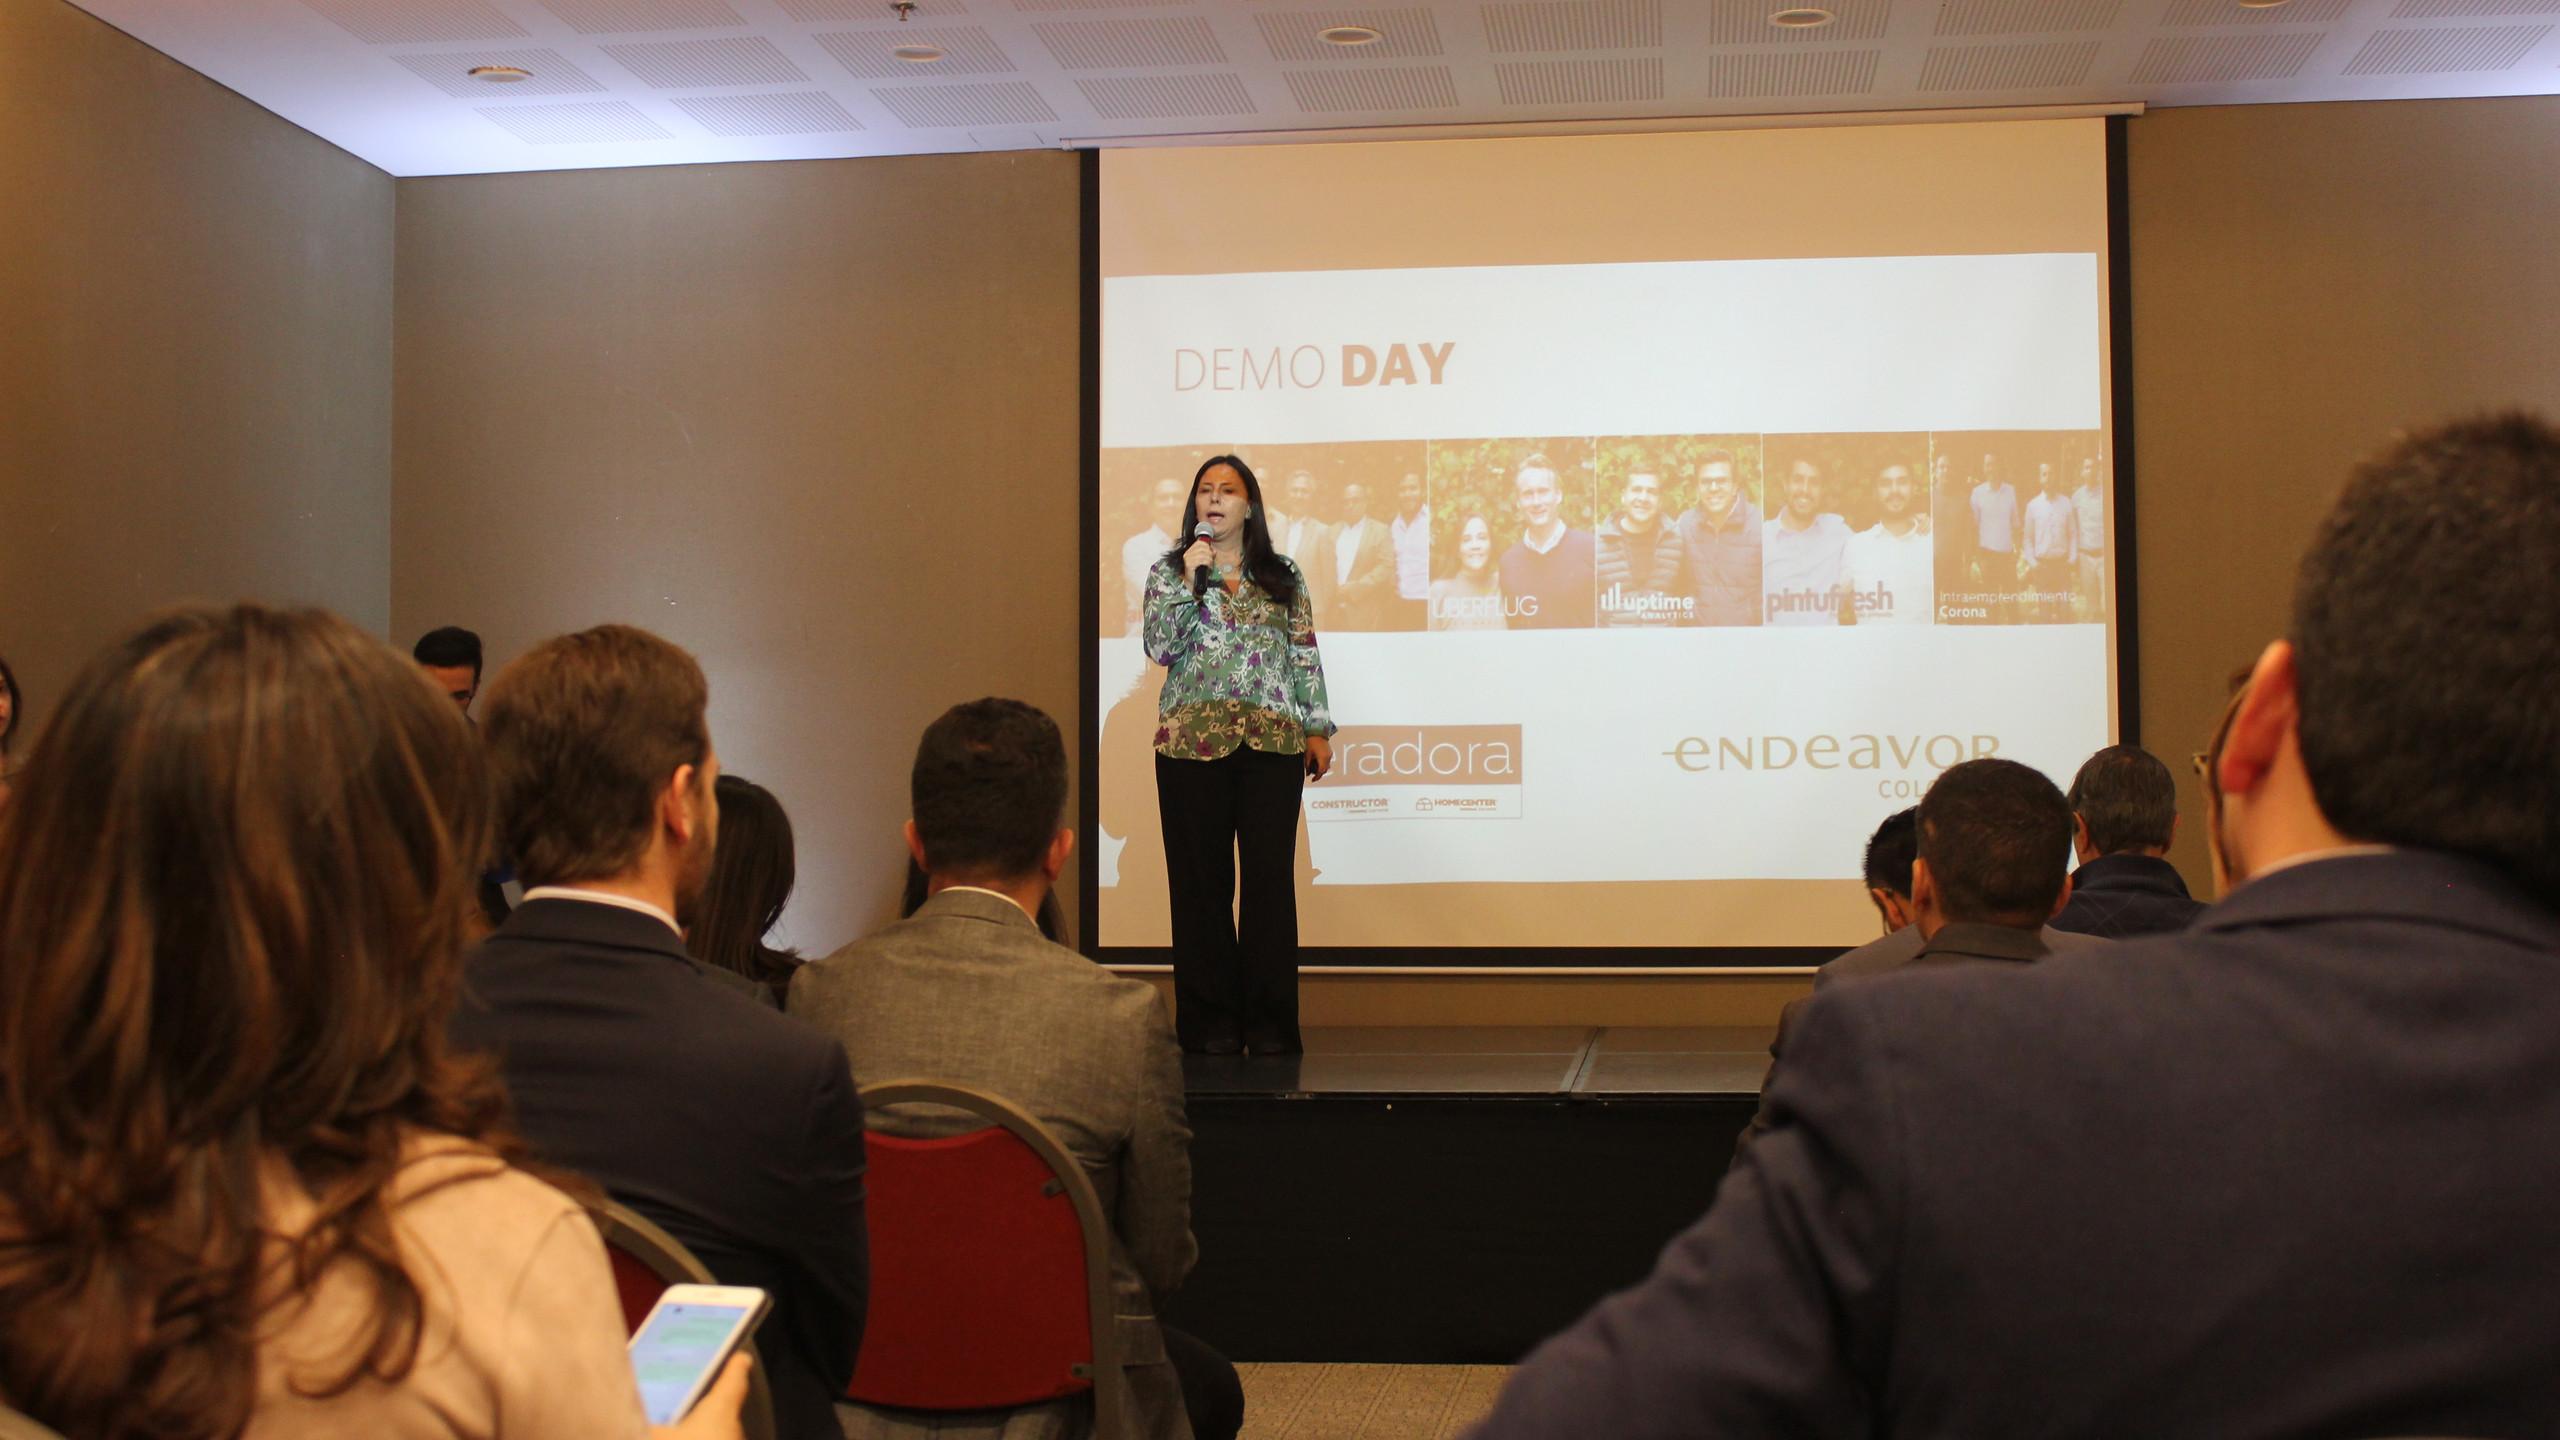 Adriana Suarez, Directora de Endeavor Colombia, da unas palabras de bienvenida a los asistentes al Demo Day de la Aceleradora Sodimac Corona